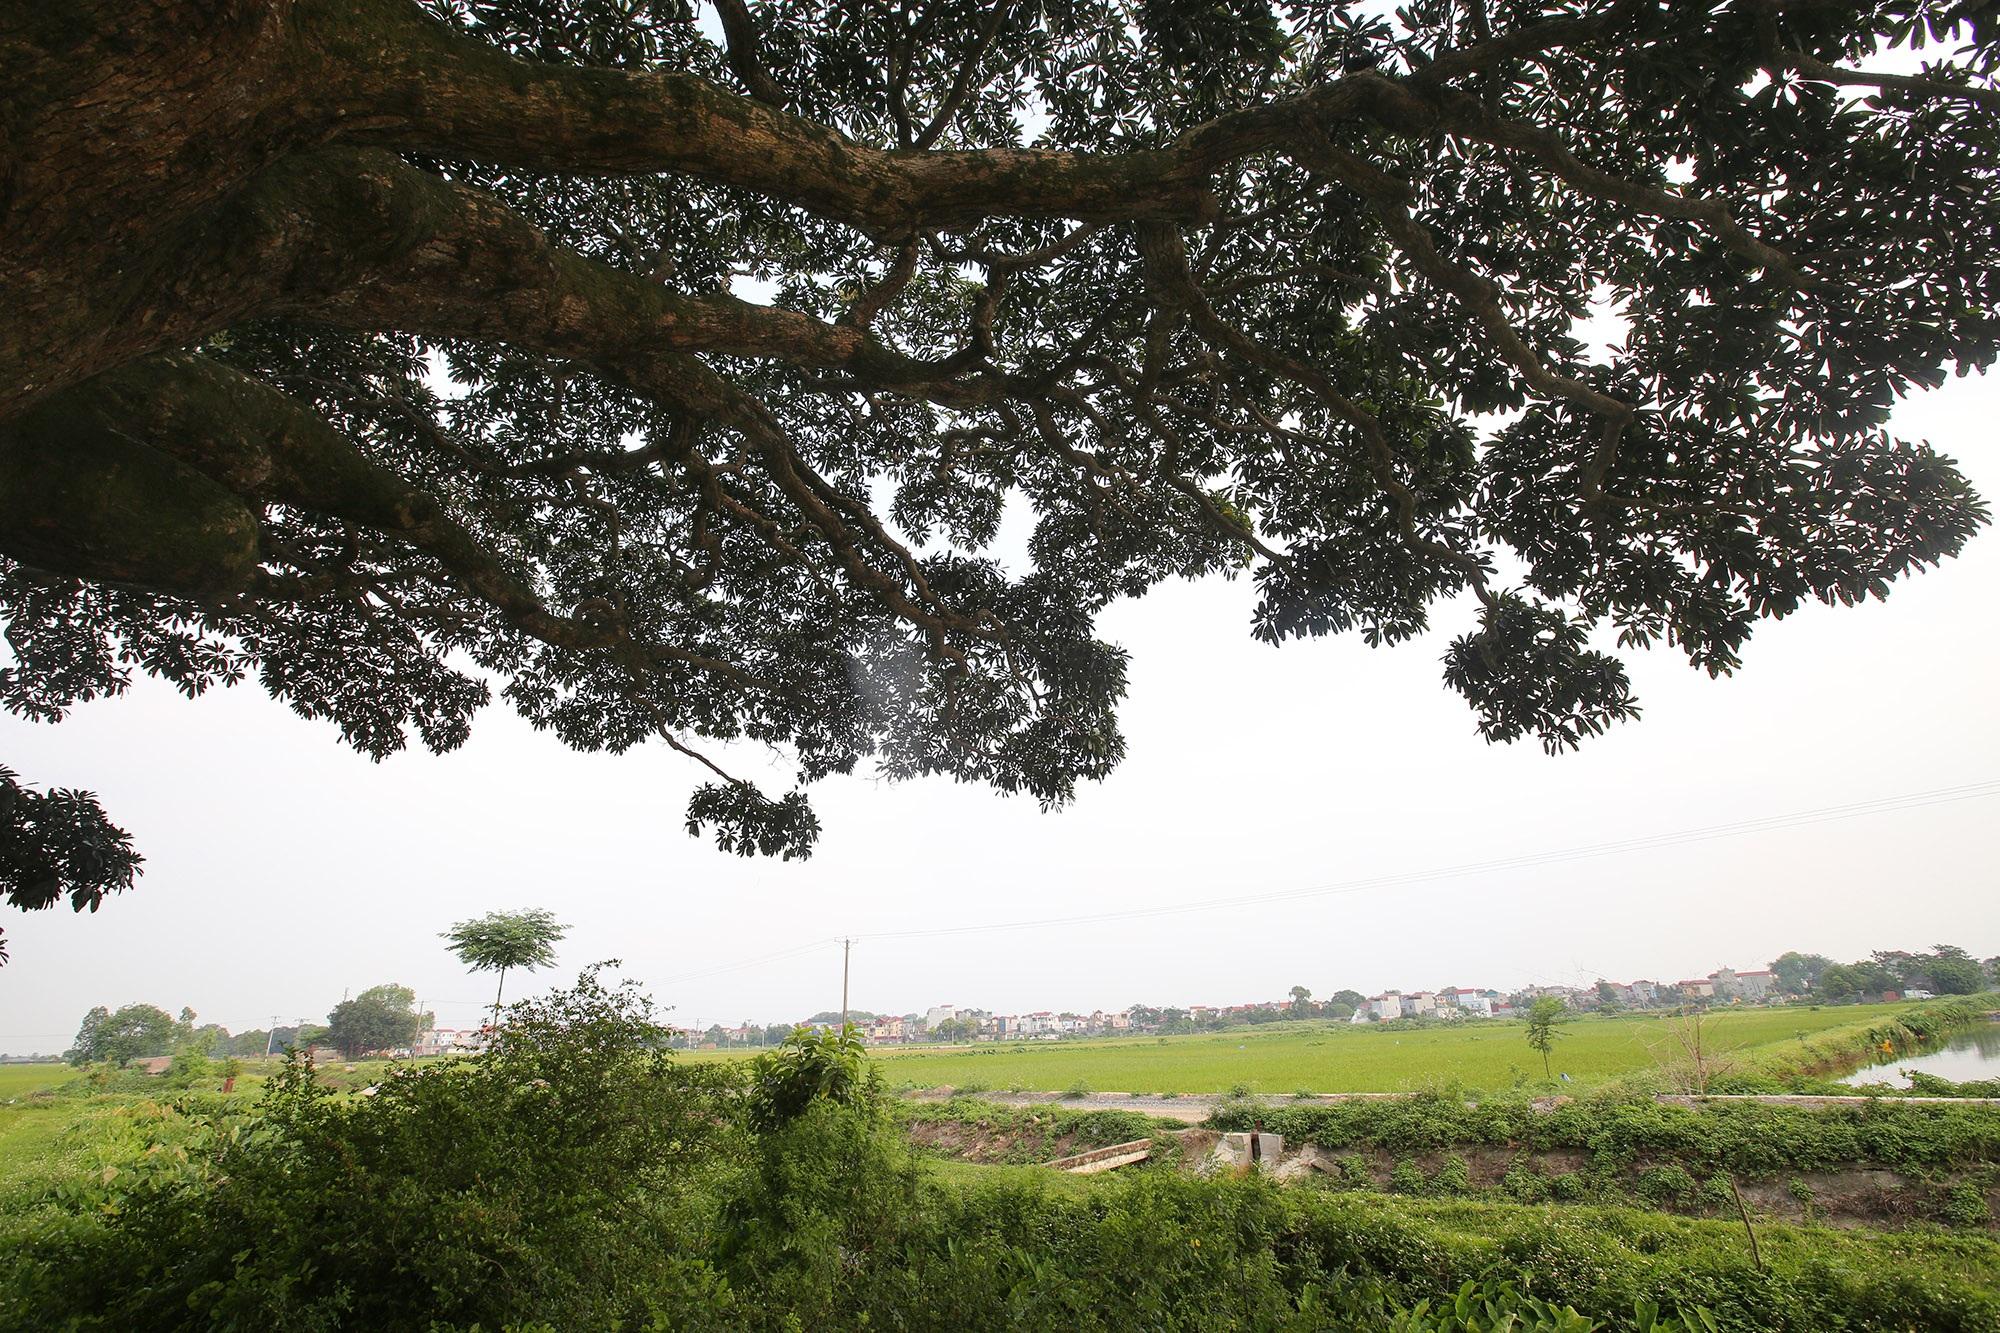 Hà Nội: Cây trôi cô đơn nghìn năm tuổi, báu vật của làng Bình Đà - 5